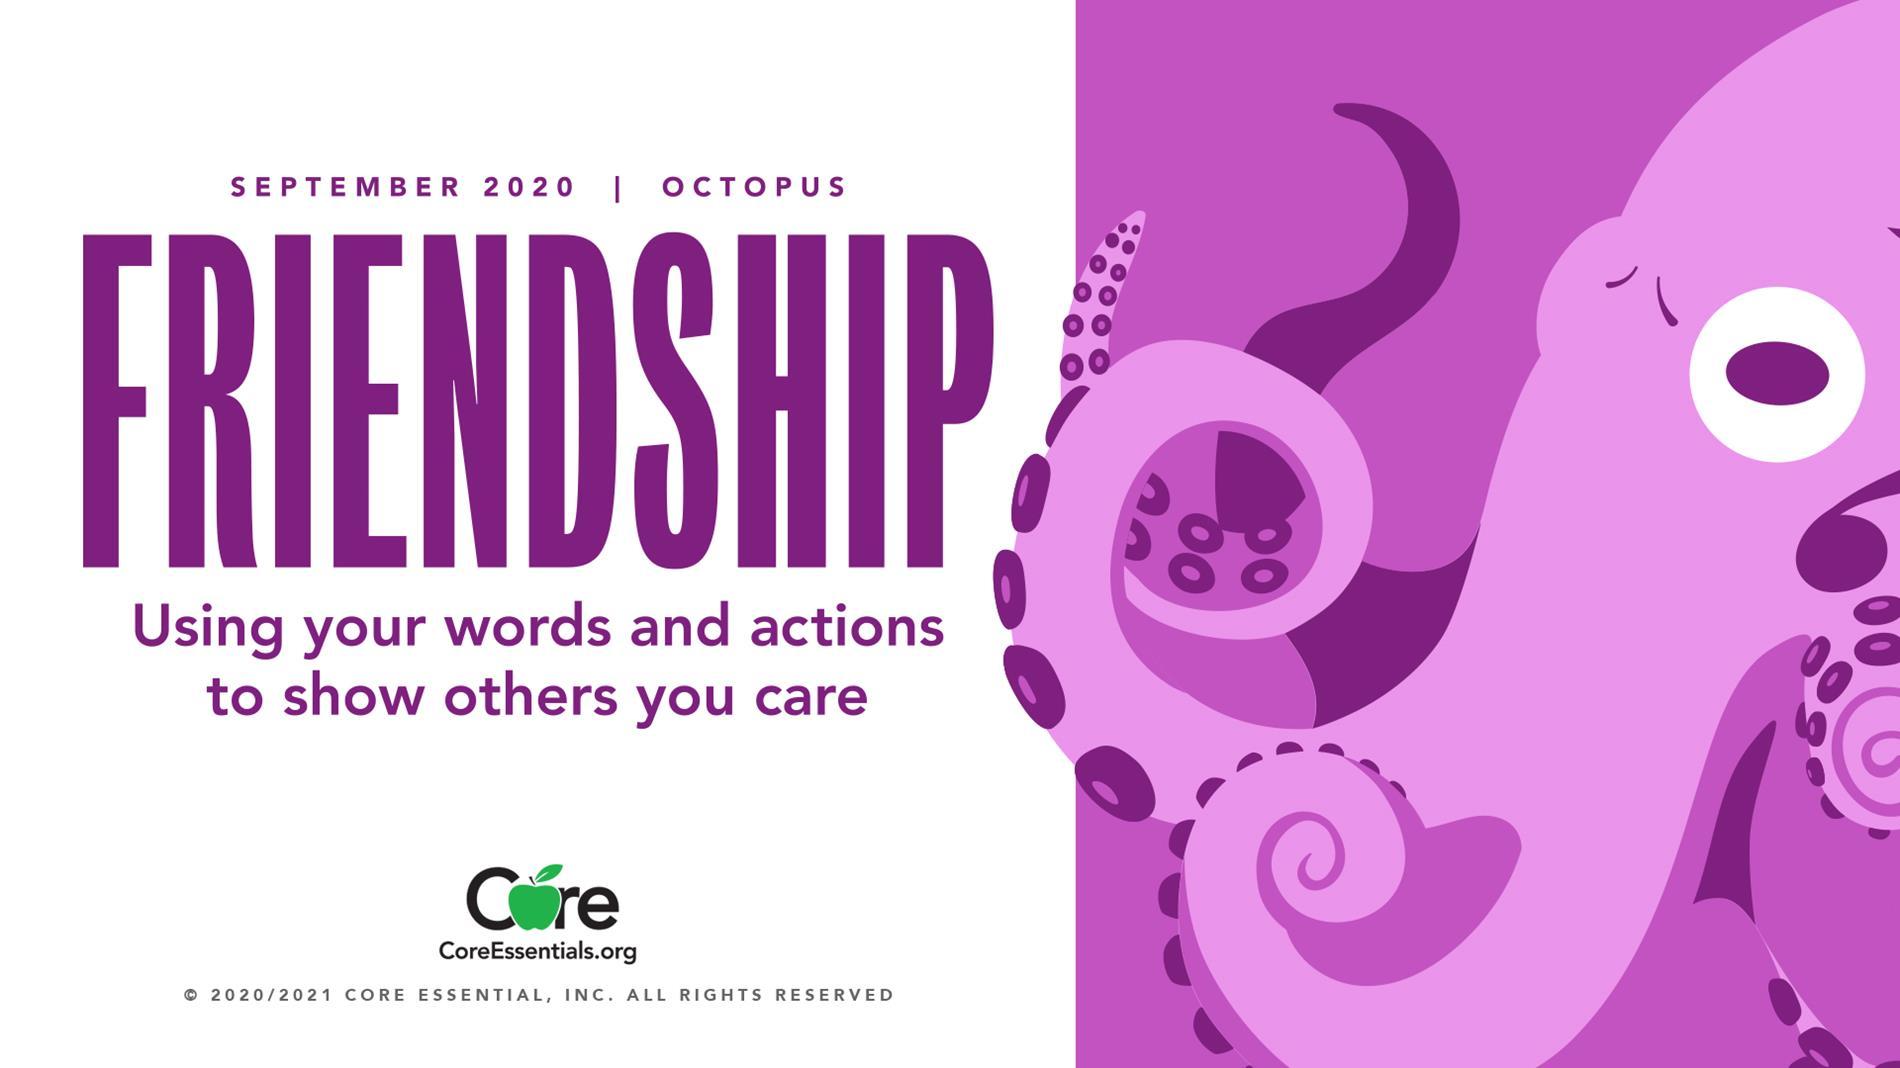 September 2020-Friendship